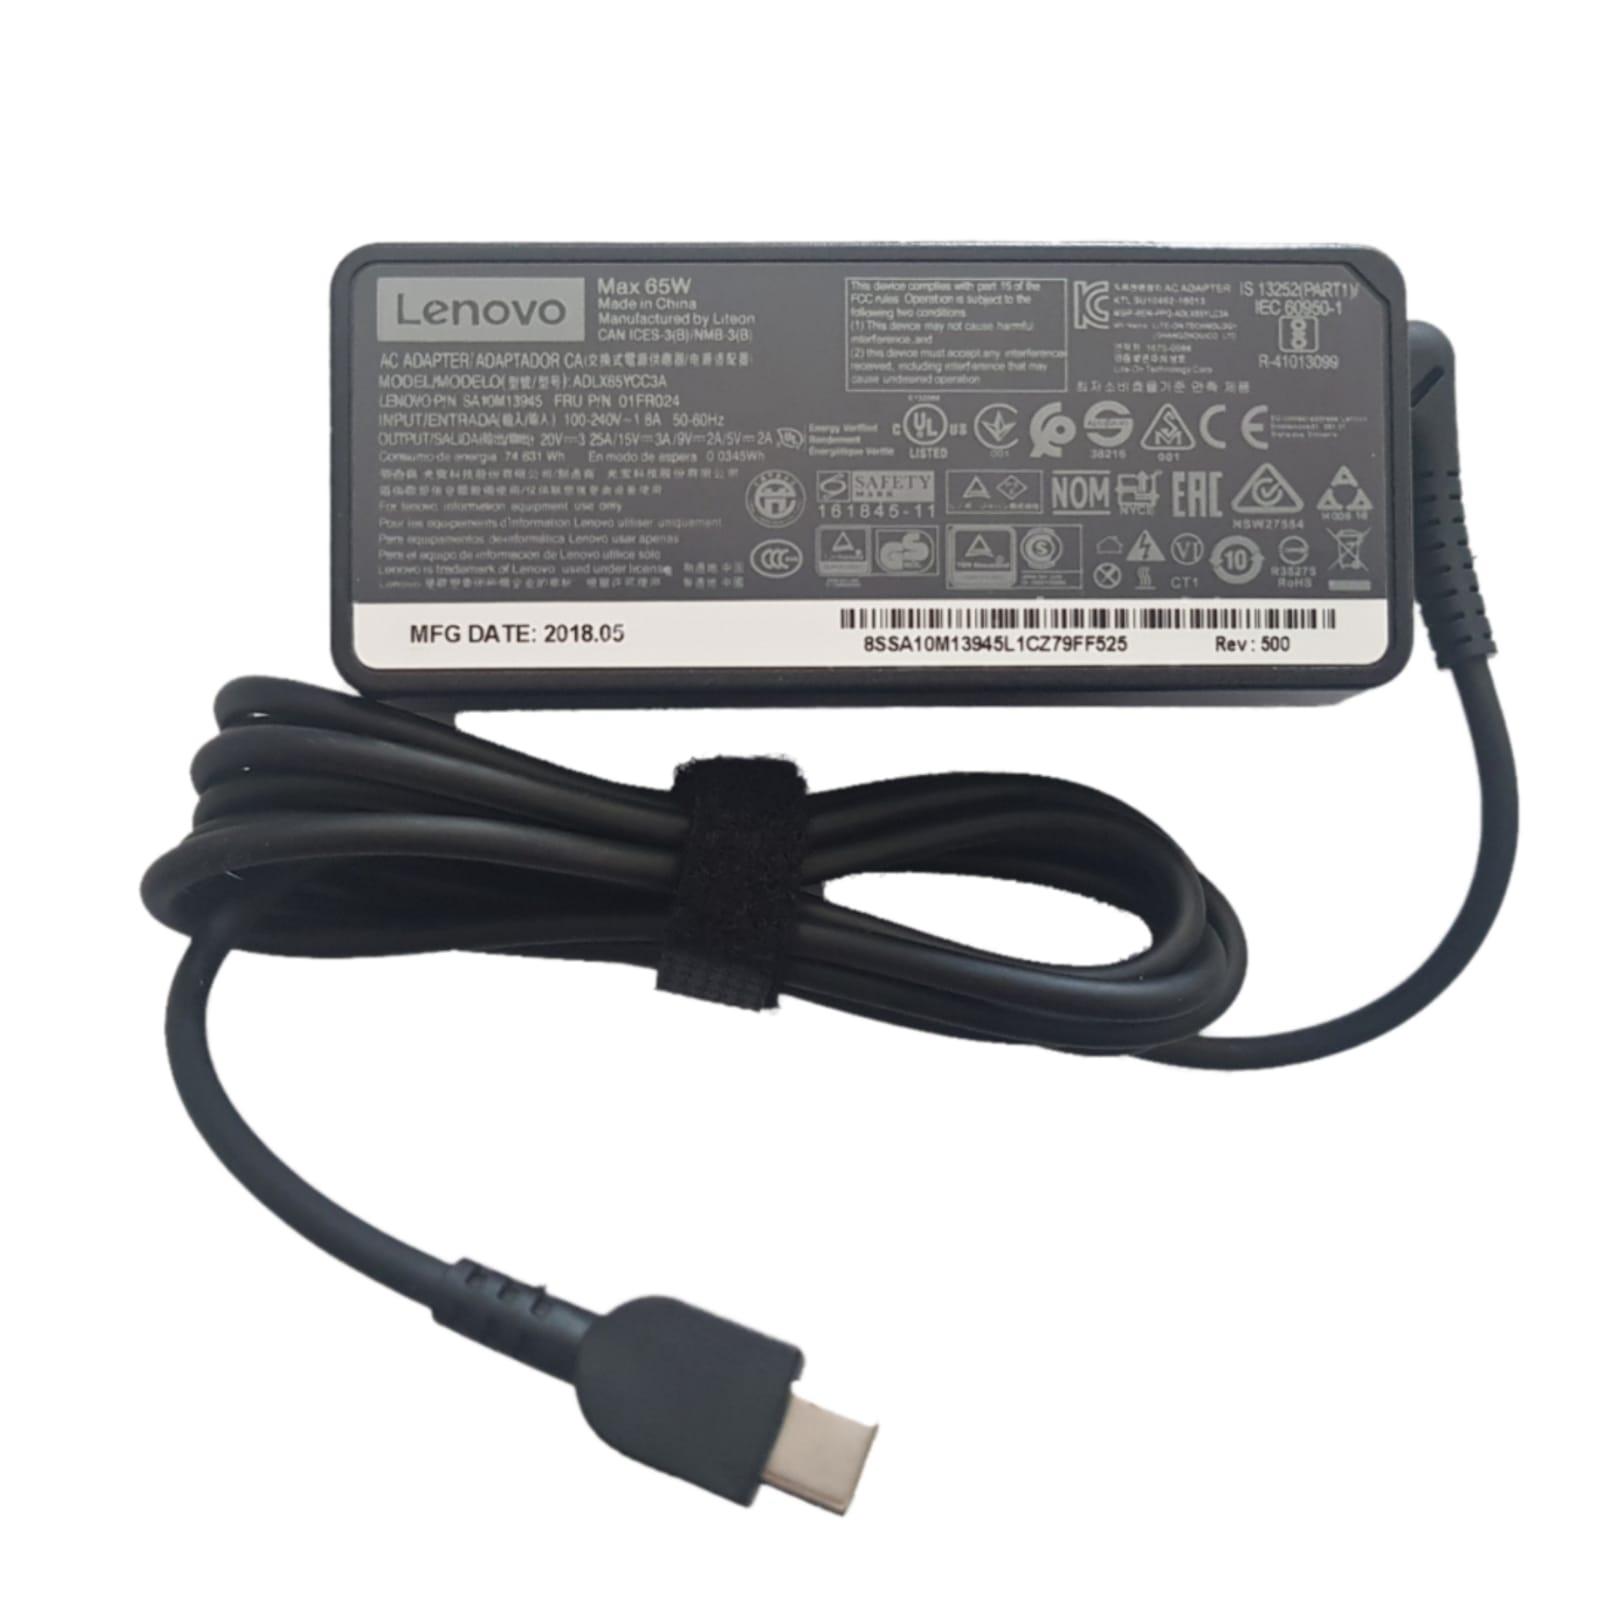 מטען למחשב נייד לנובו Lenovo ThinkPad E485